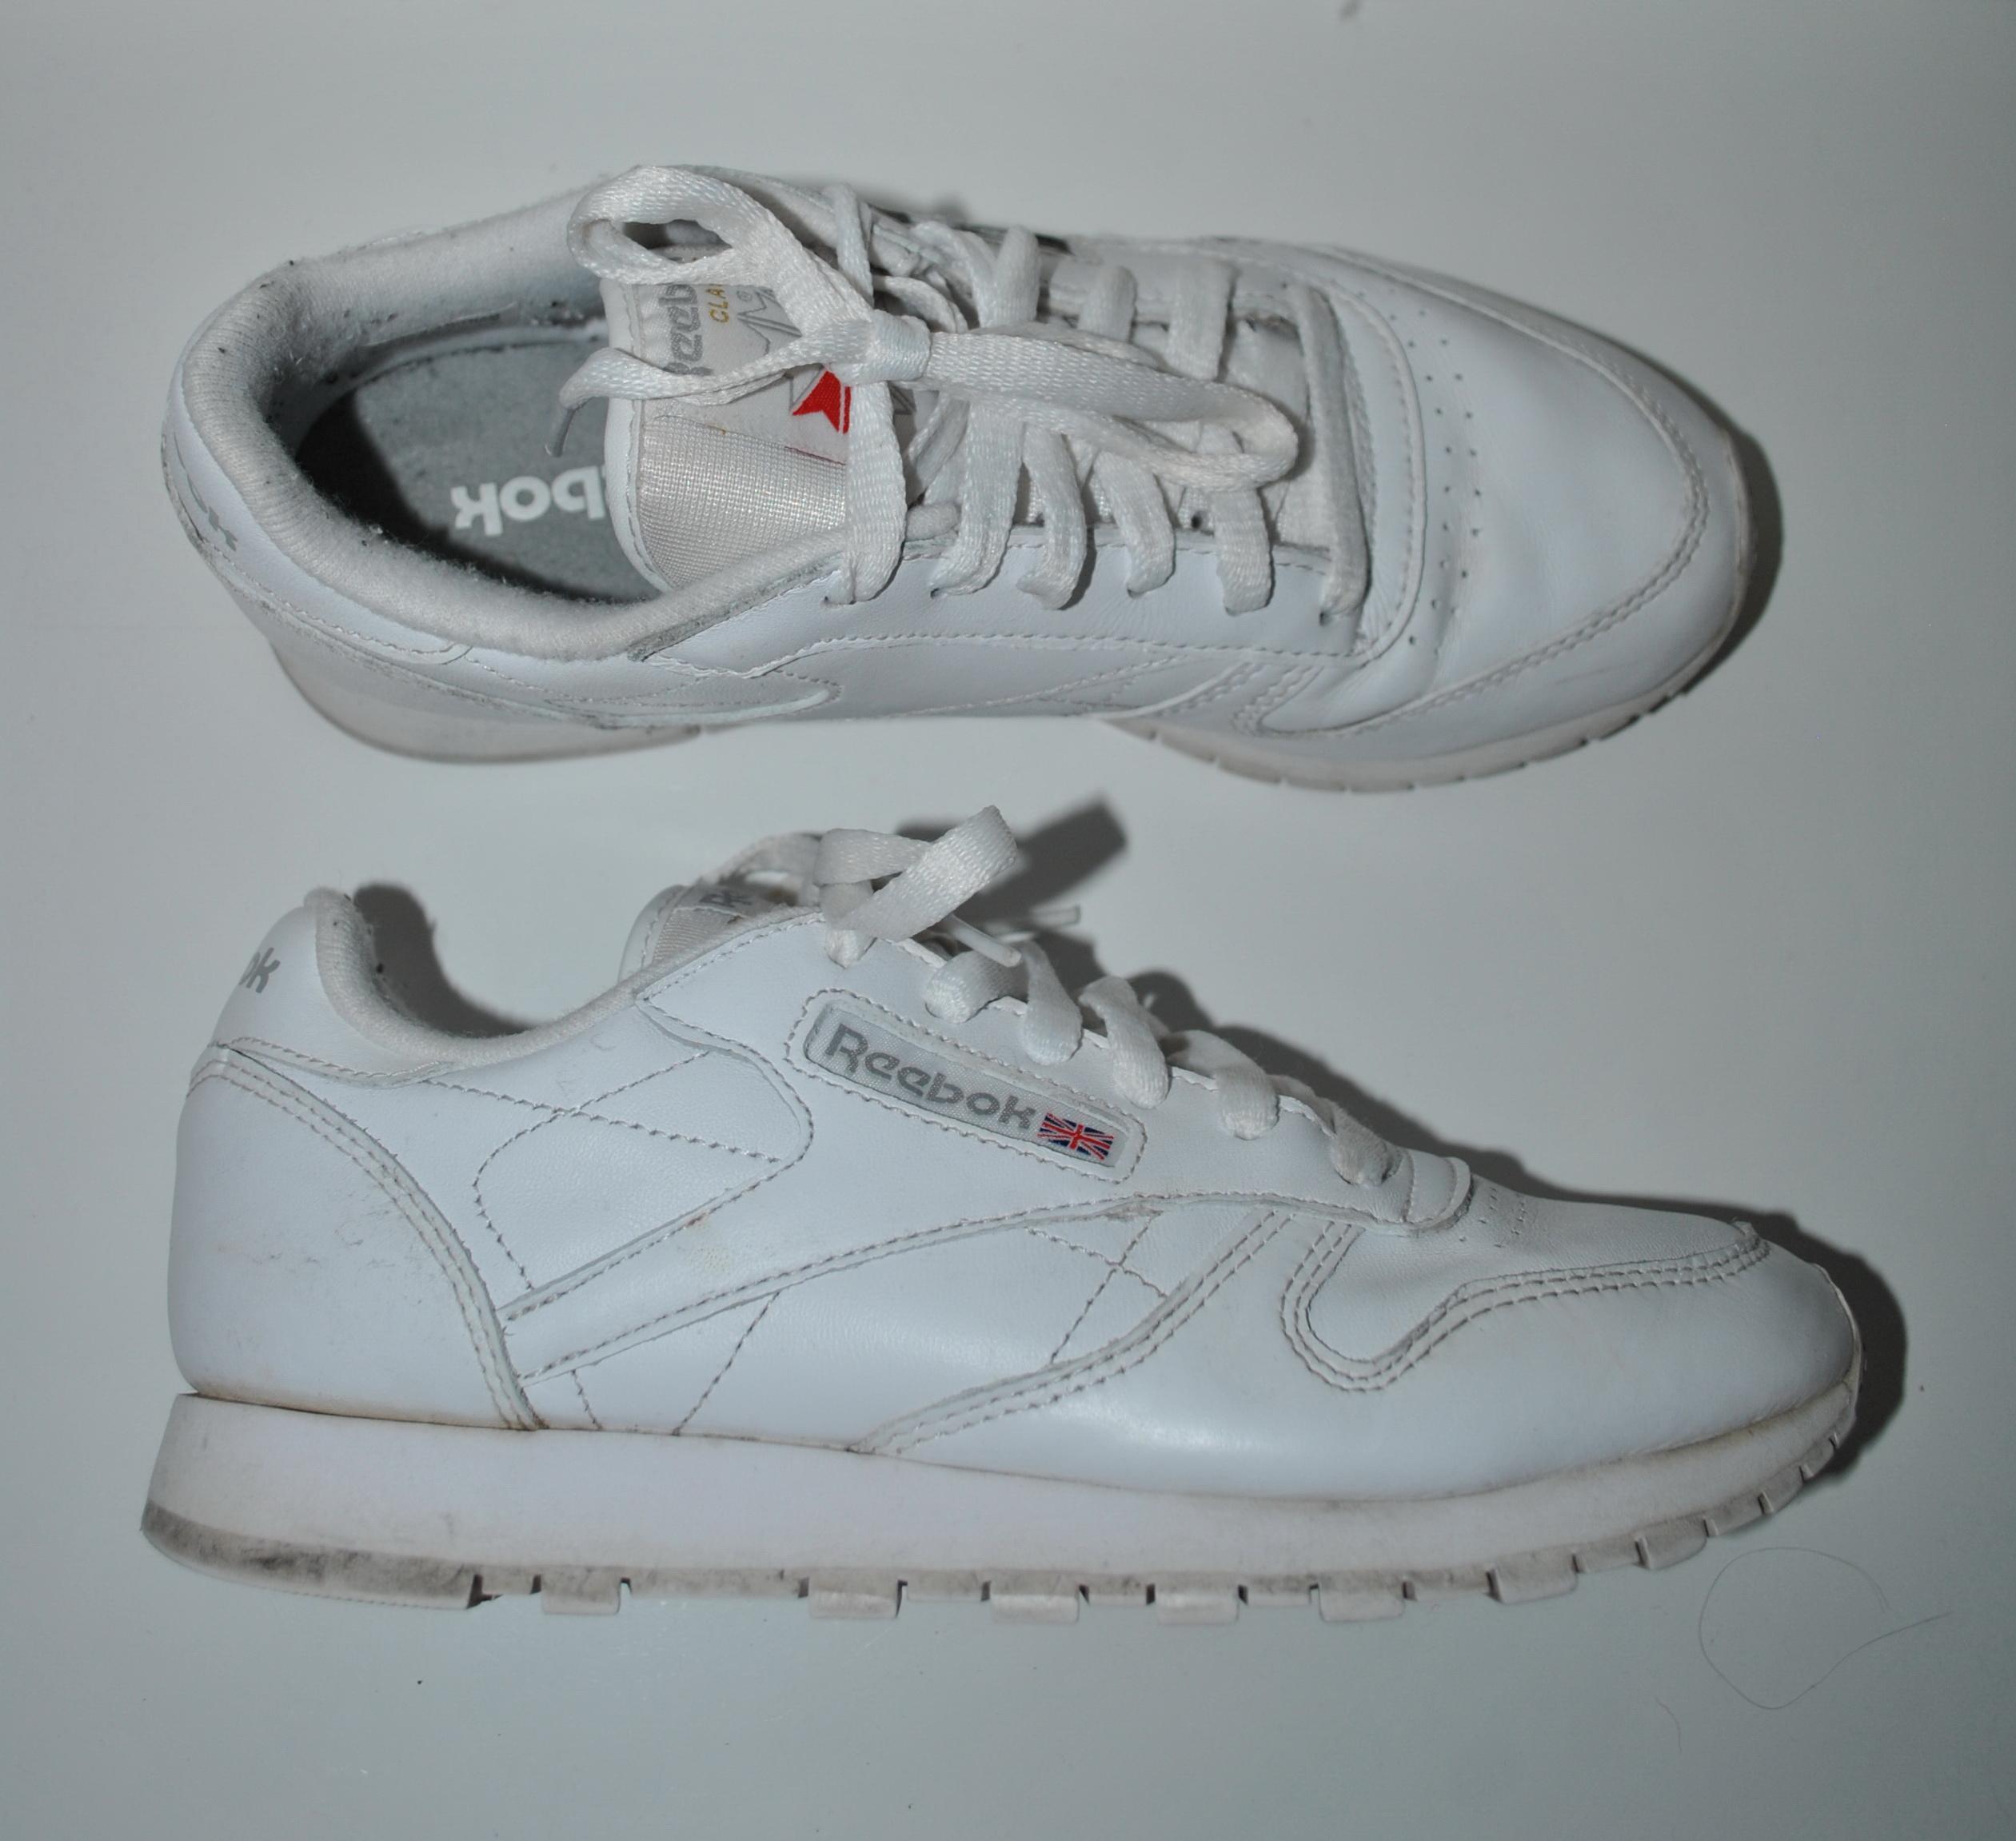 Superstar Marki Nike Sprzedam Reebok Buty Adidas Vans Nie